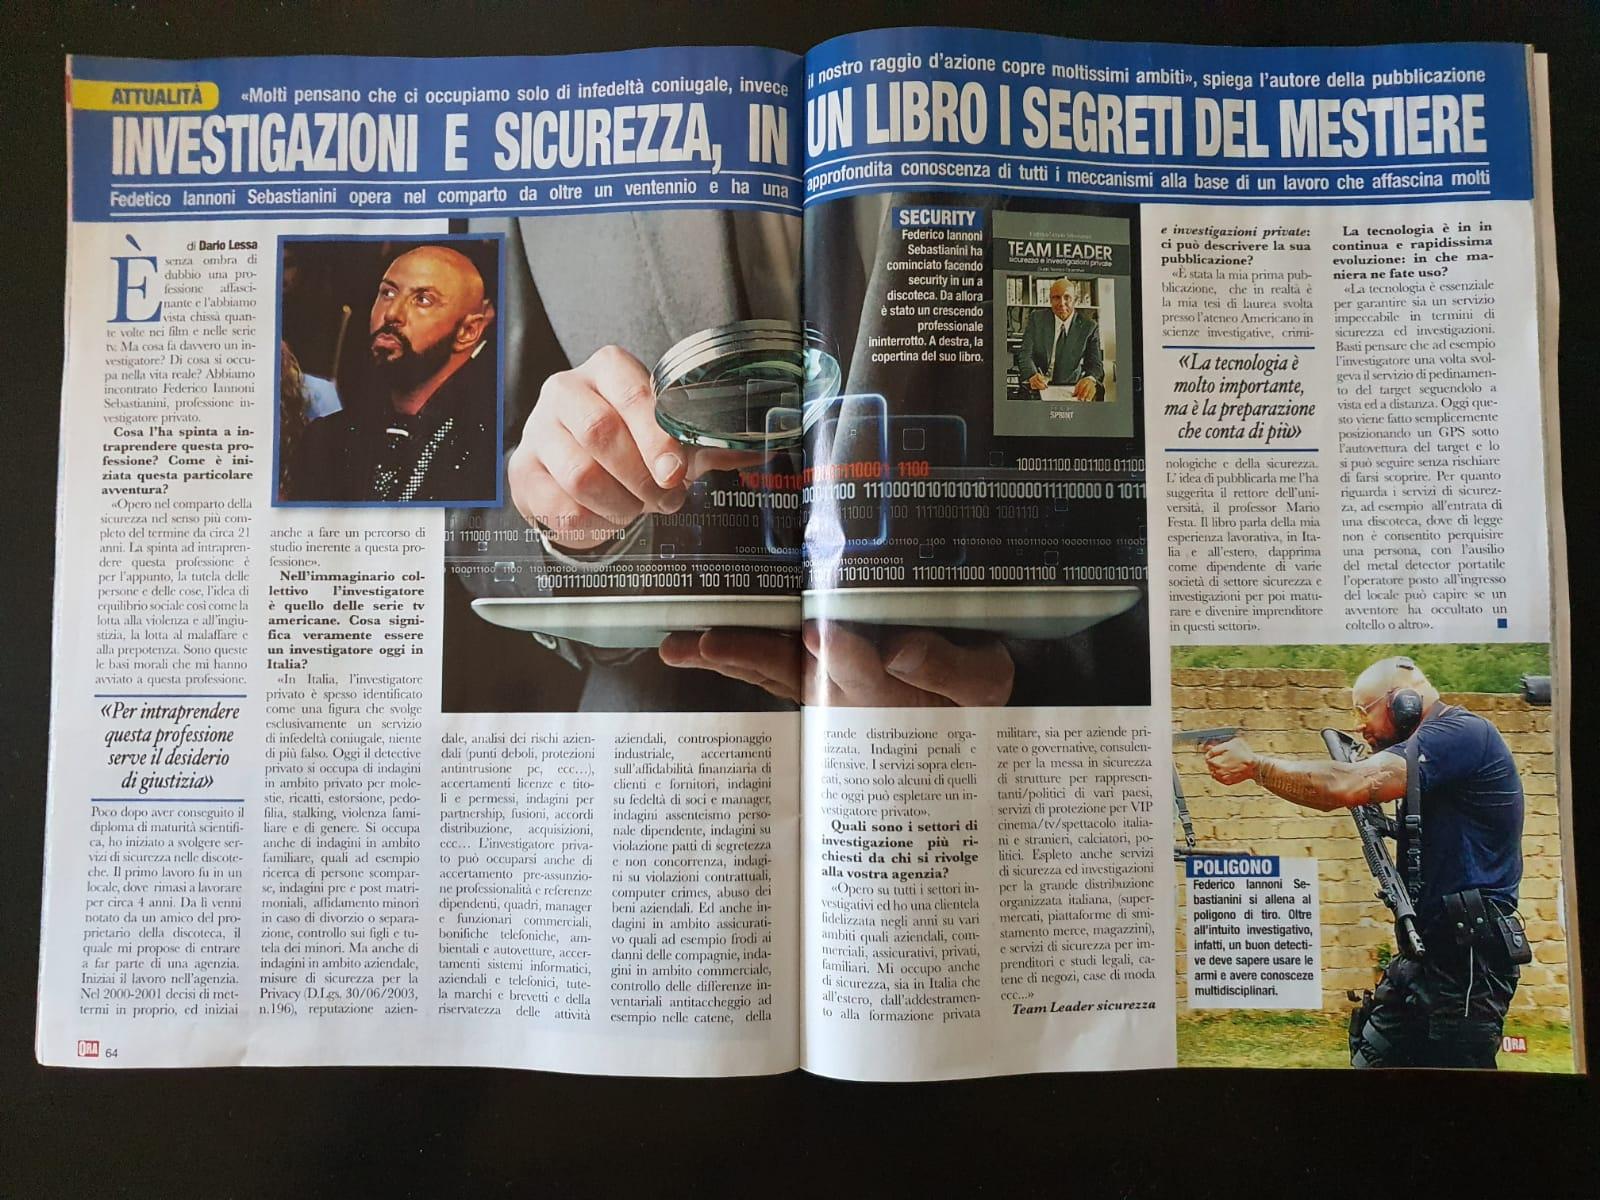 Intervista a #FedericoIannoniSebastianini su settimanale ORA (2)